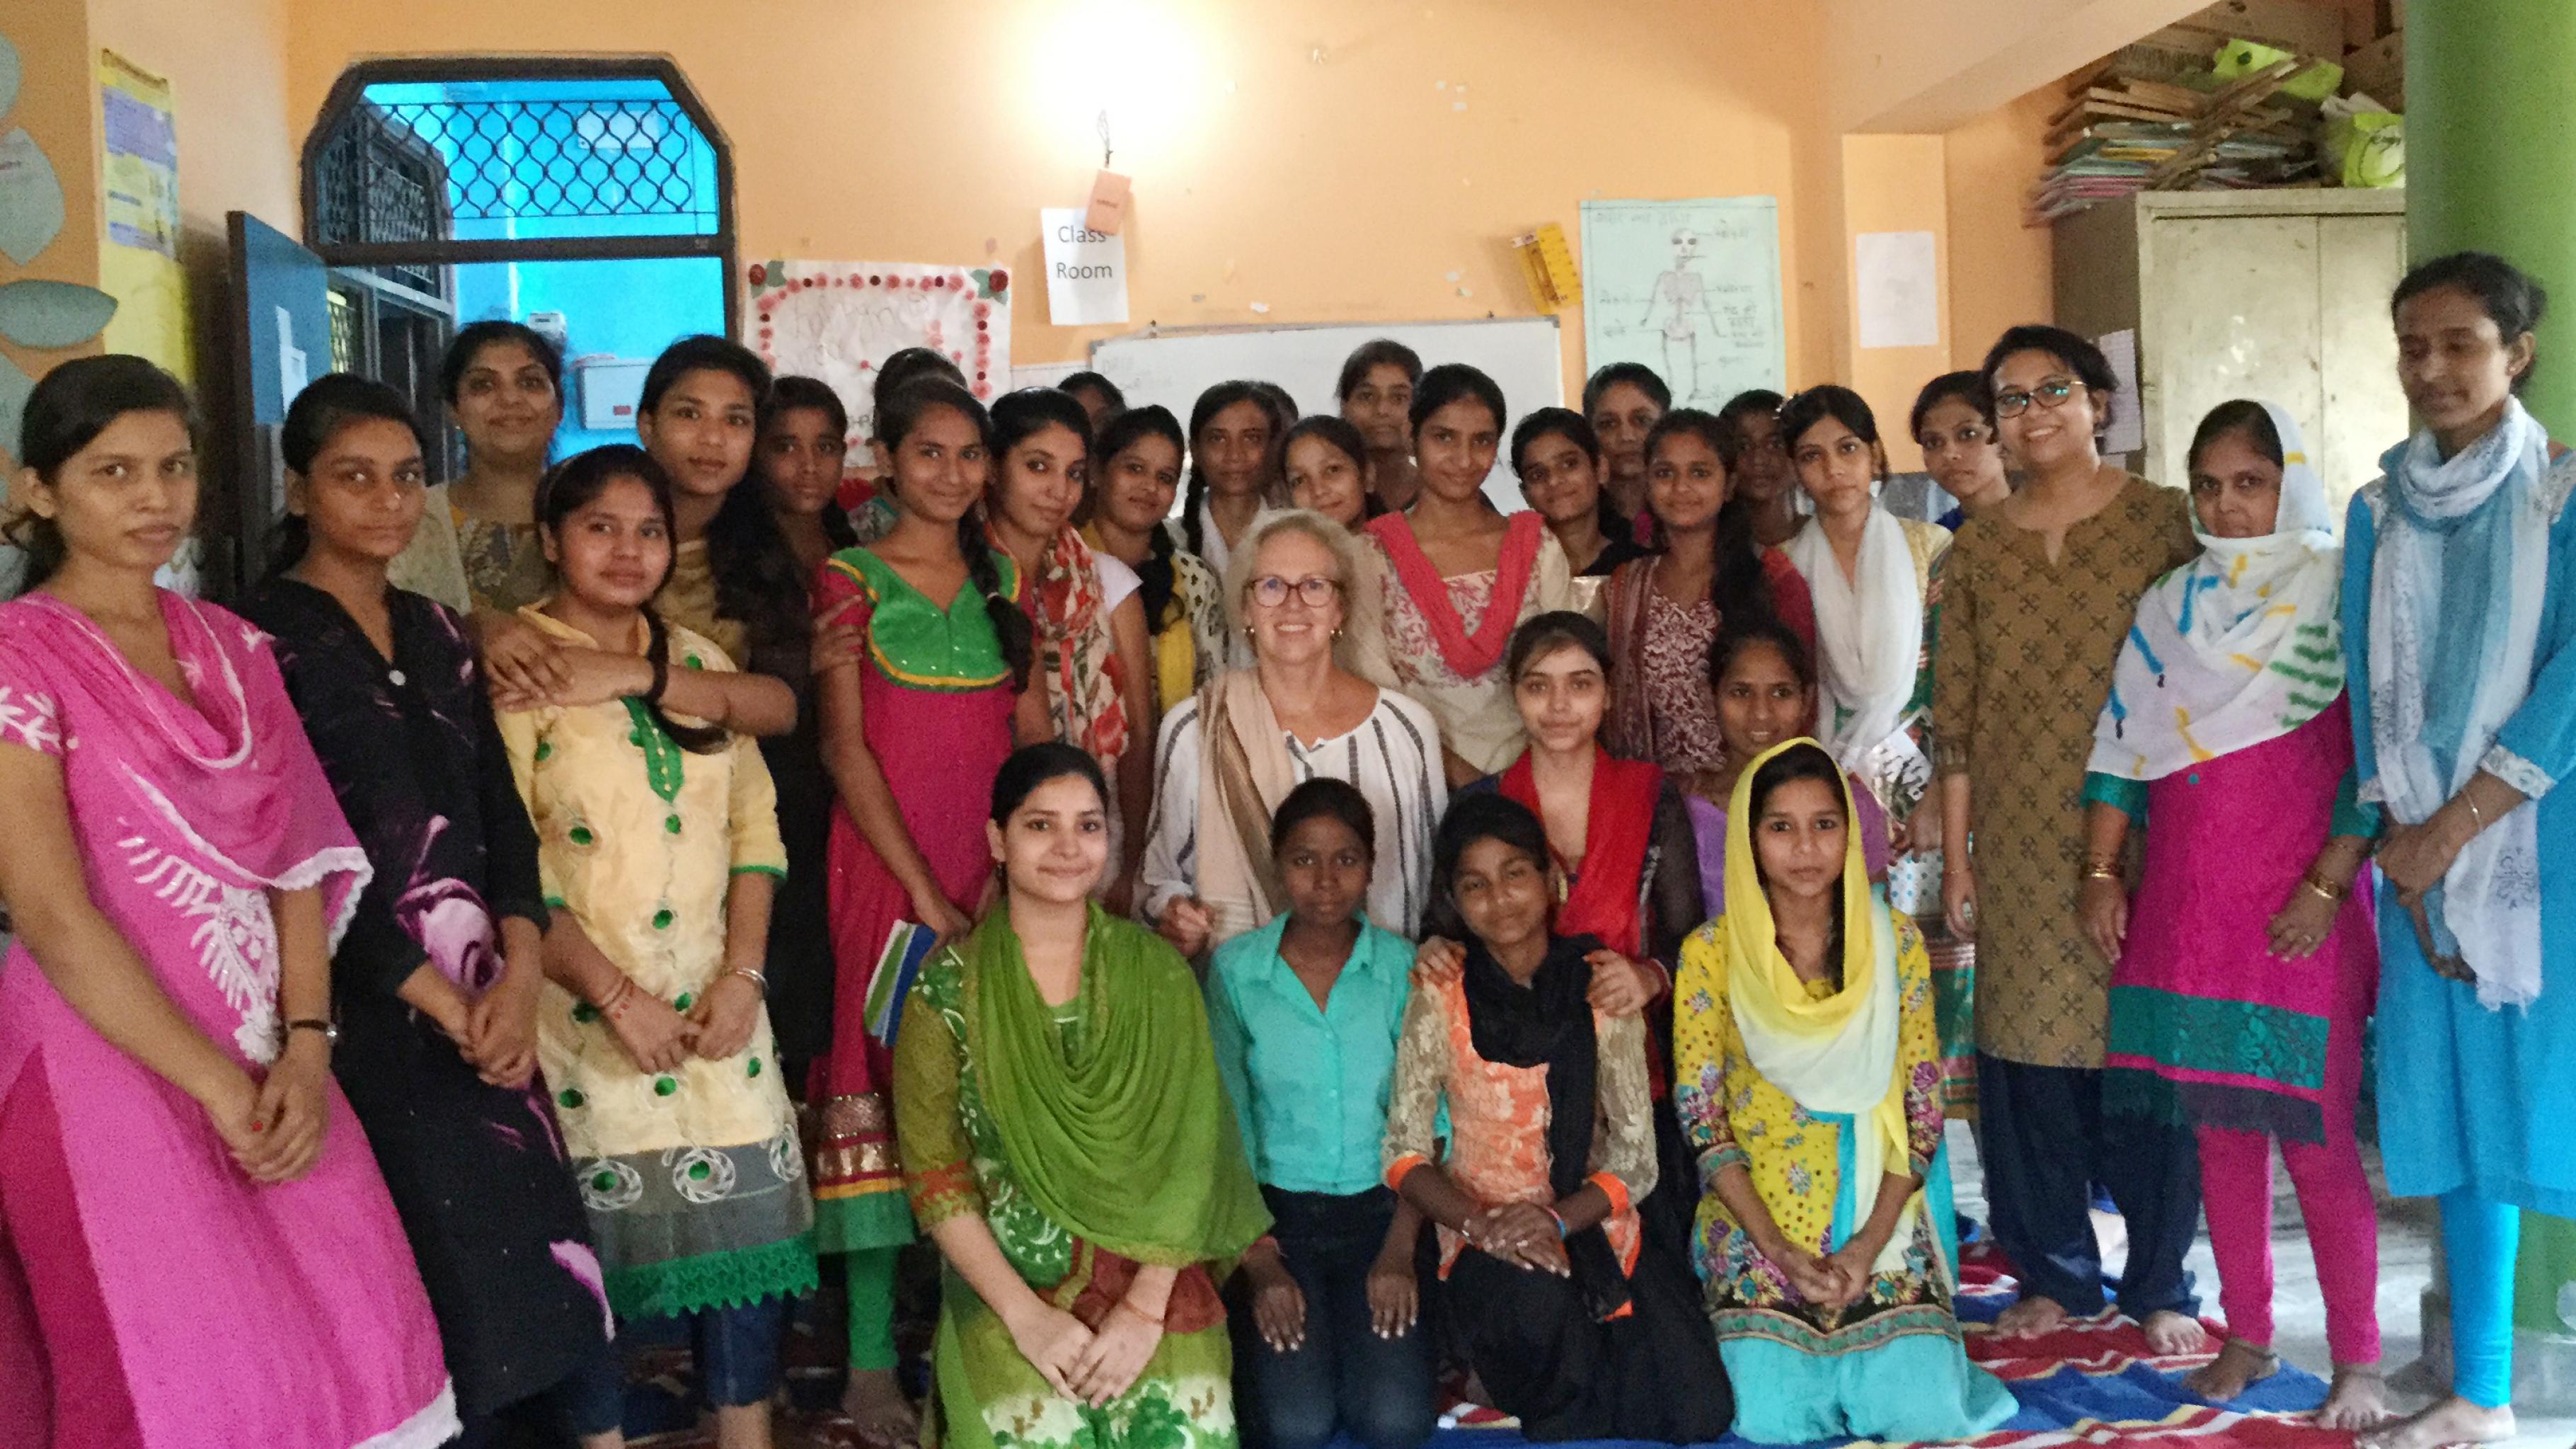 Marion Lieser in Indien